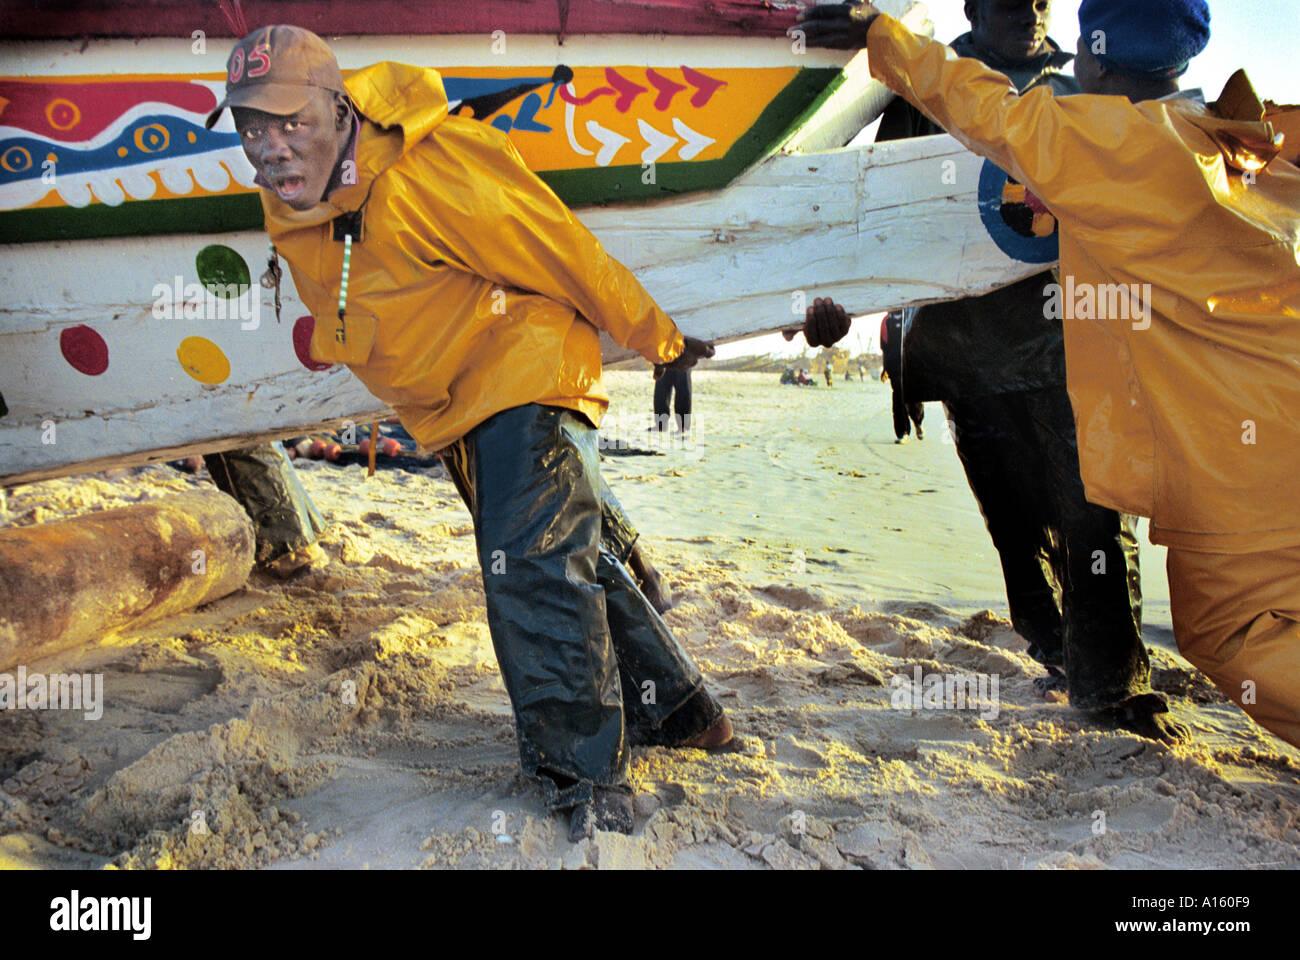 Locali e della Mauritania pescatori senegalesi haul in una piroga dopo aver restituito da una intera notte di pesca nell' Atlantico Immagini Stock